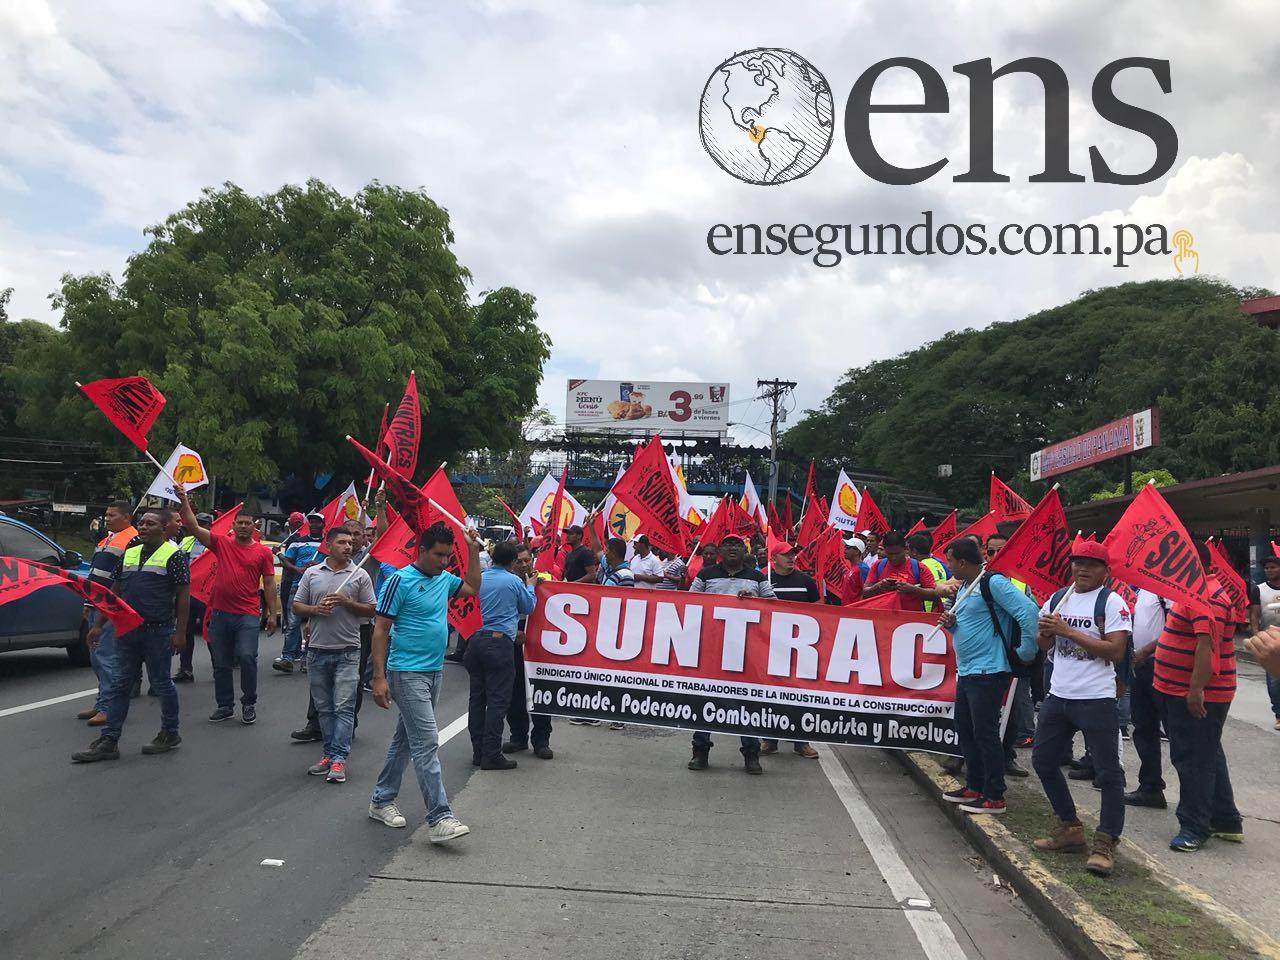 Suntracs y Conusi rechazan que TLC permita llegada de obreros chinos